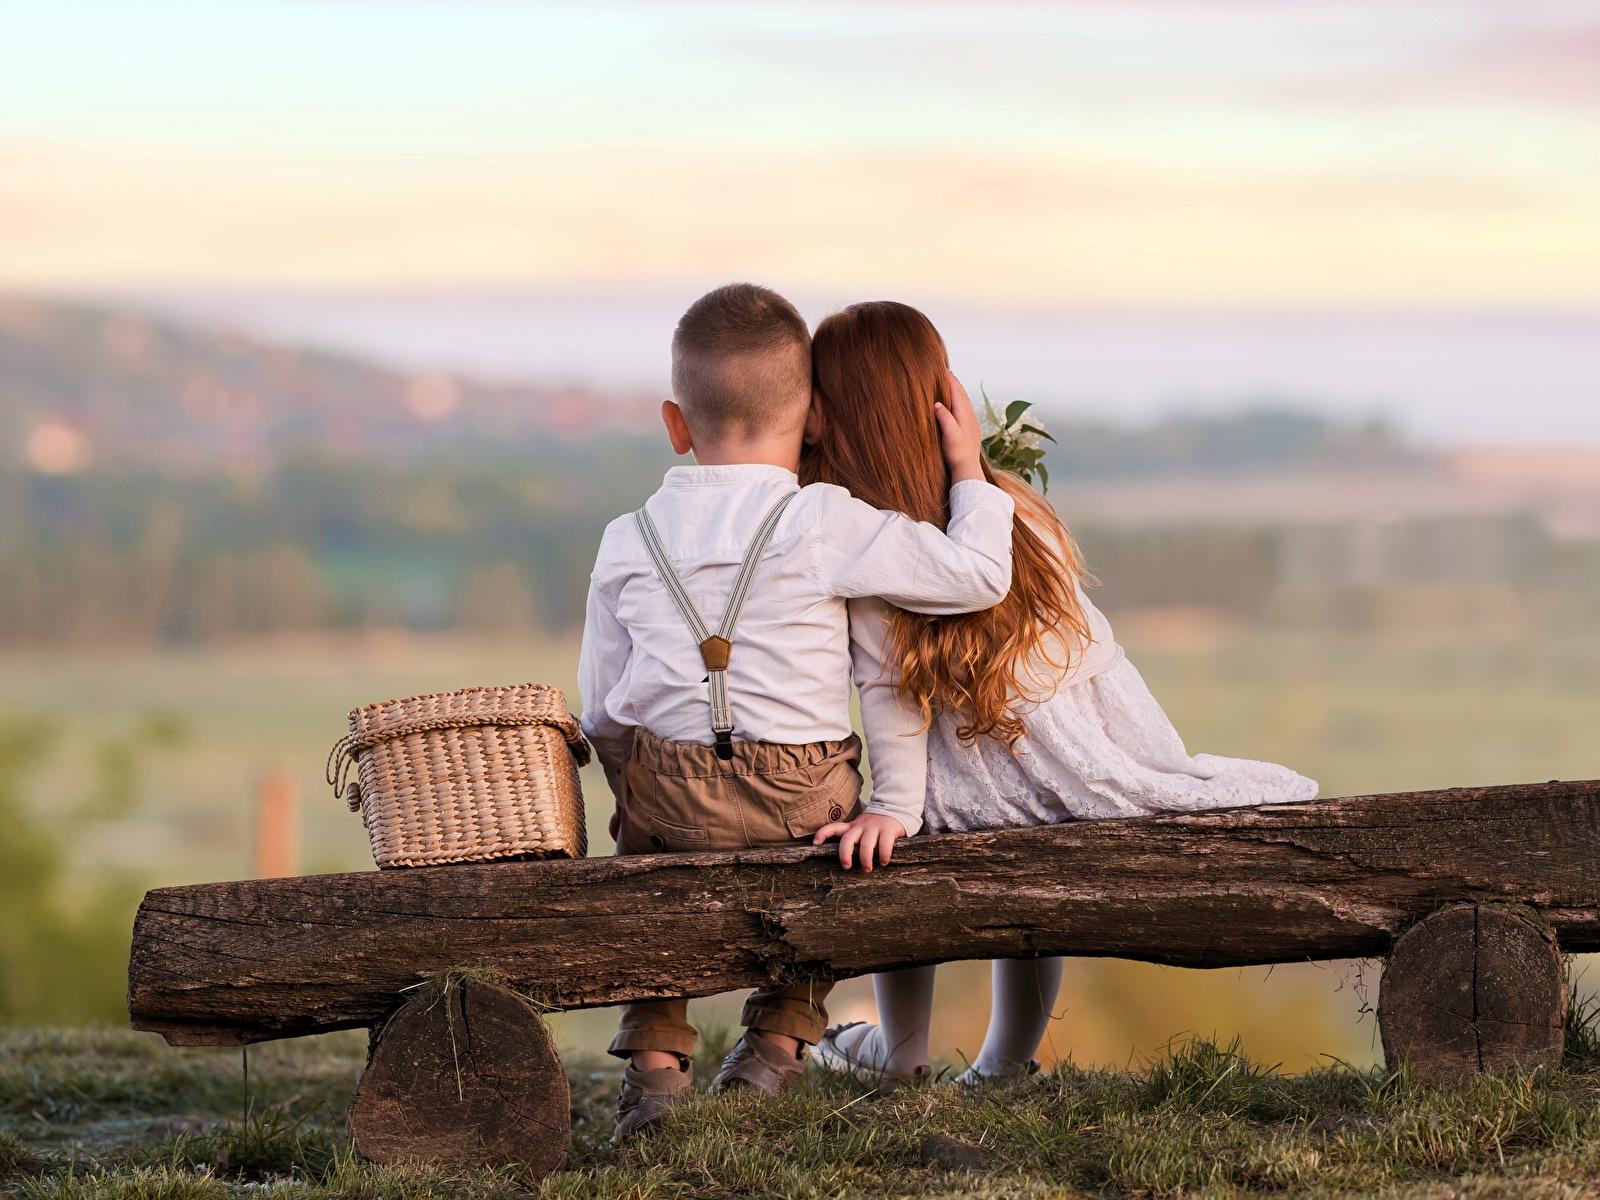 zdjęcia Dziewczynki Chłopiec Dzieci dwóch przytul Miłość 1600x1200